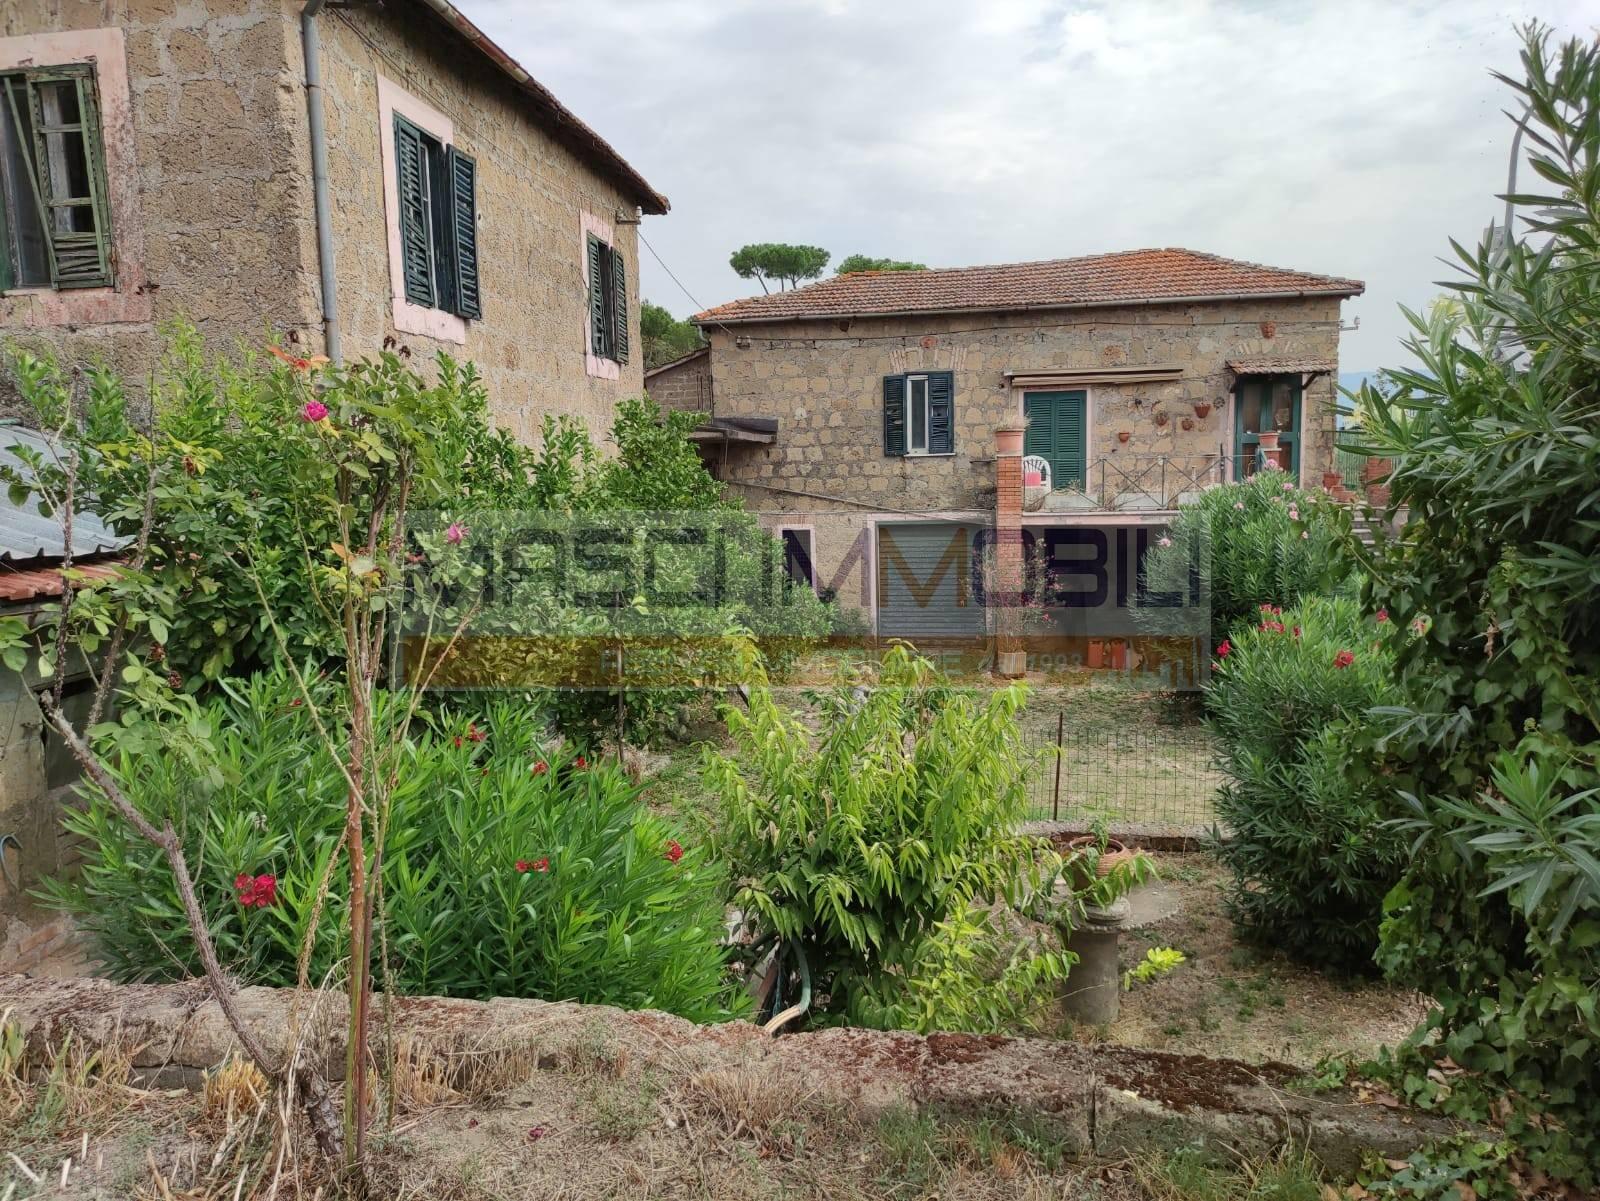 Rustico / Casale in vendita a Castelnuovo di Porto, 9 locali, zona Località: PONTE STORTO, prezzo € 200.000 | CambioCasa.it